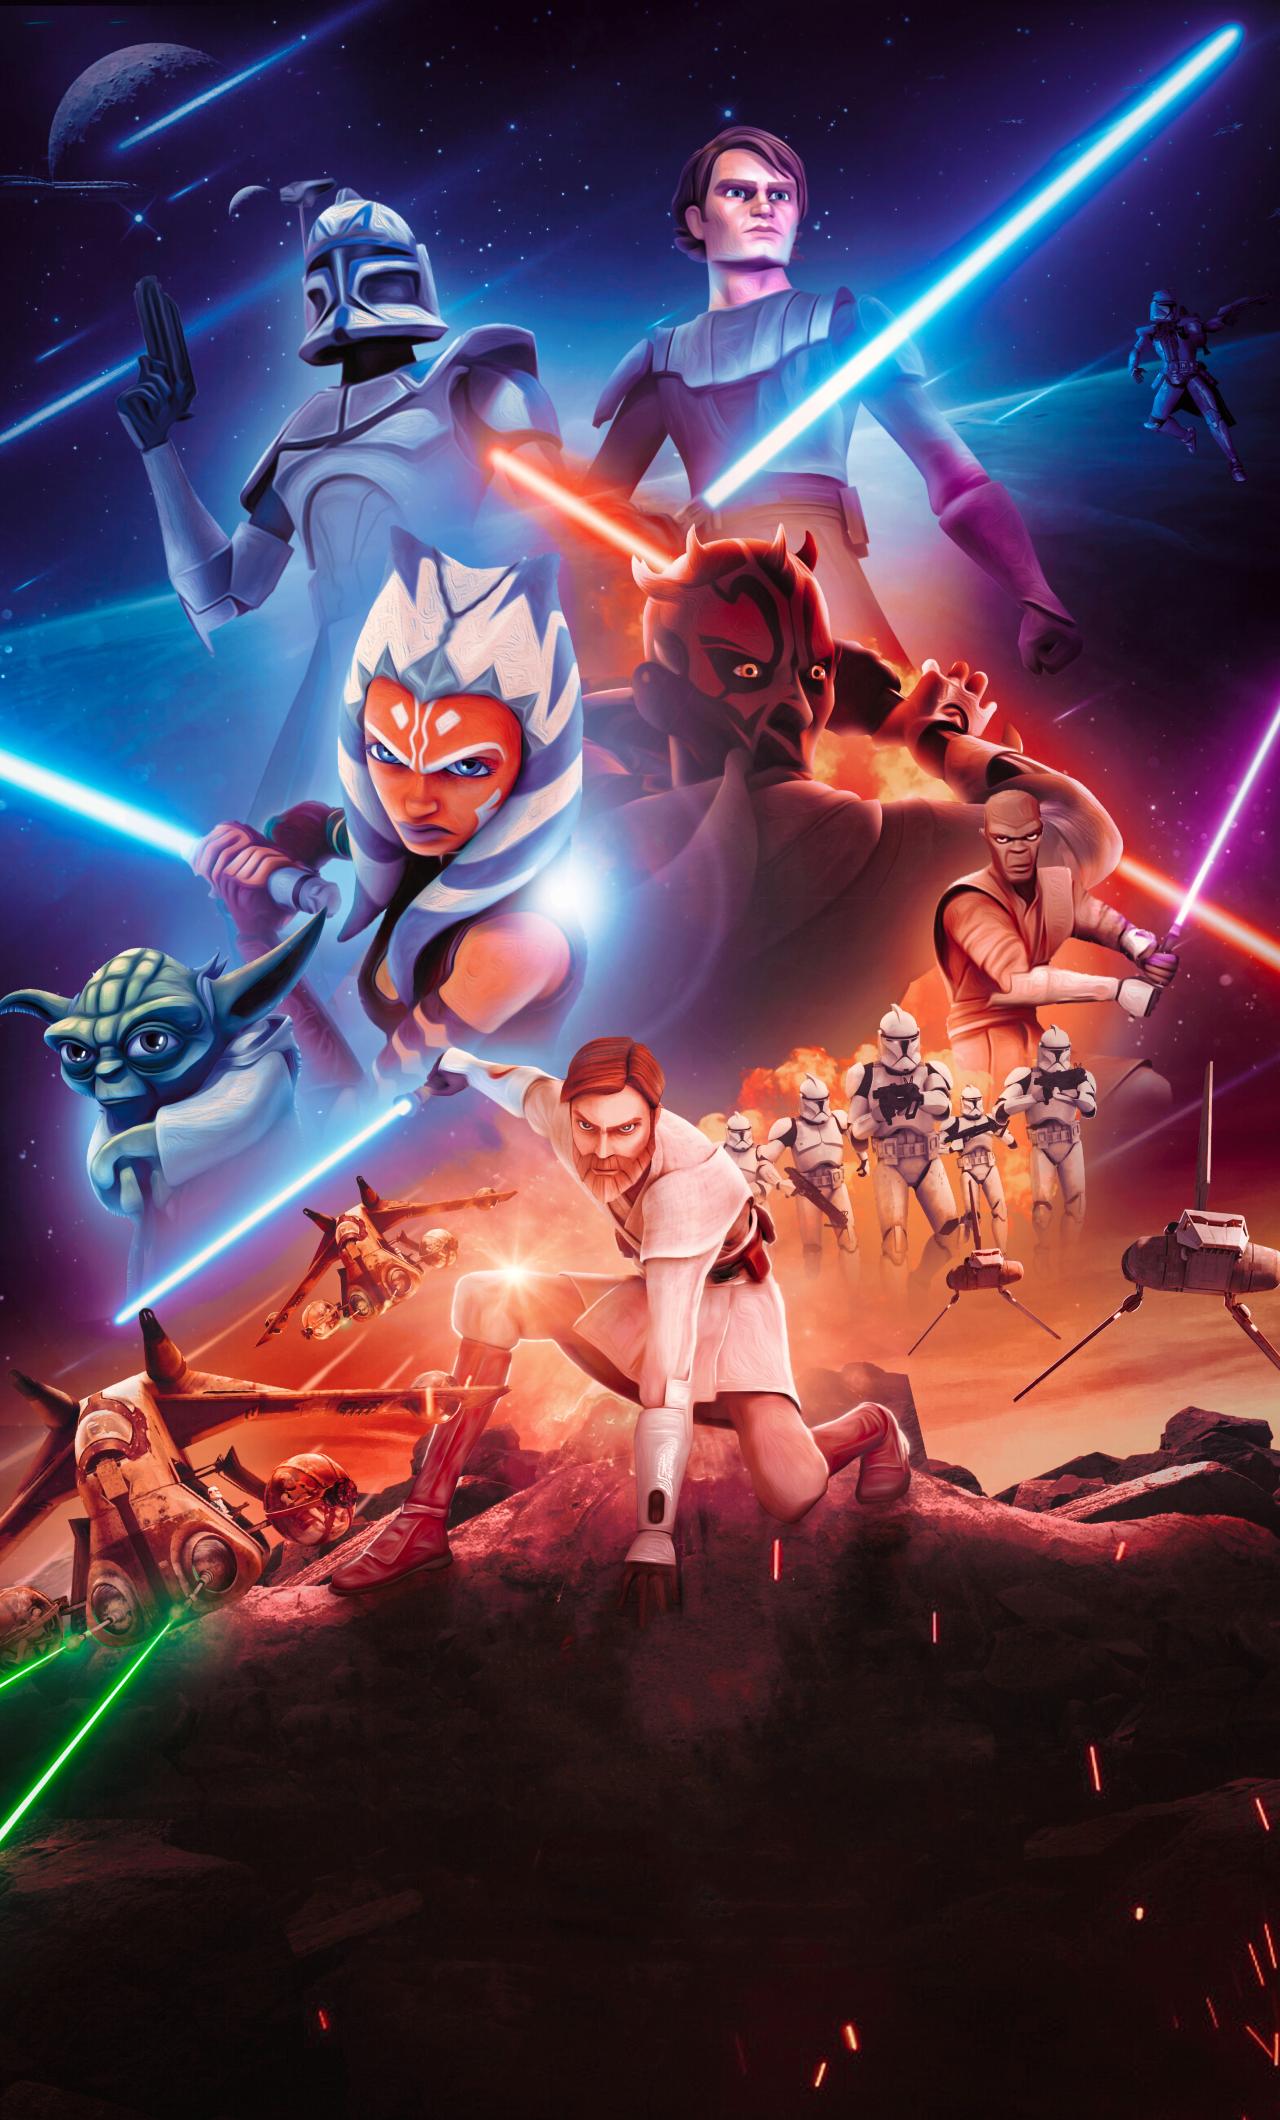 1280x2120 Star Wars The Clone Wars 4K iPhone 6 plus ...